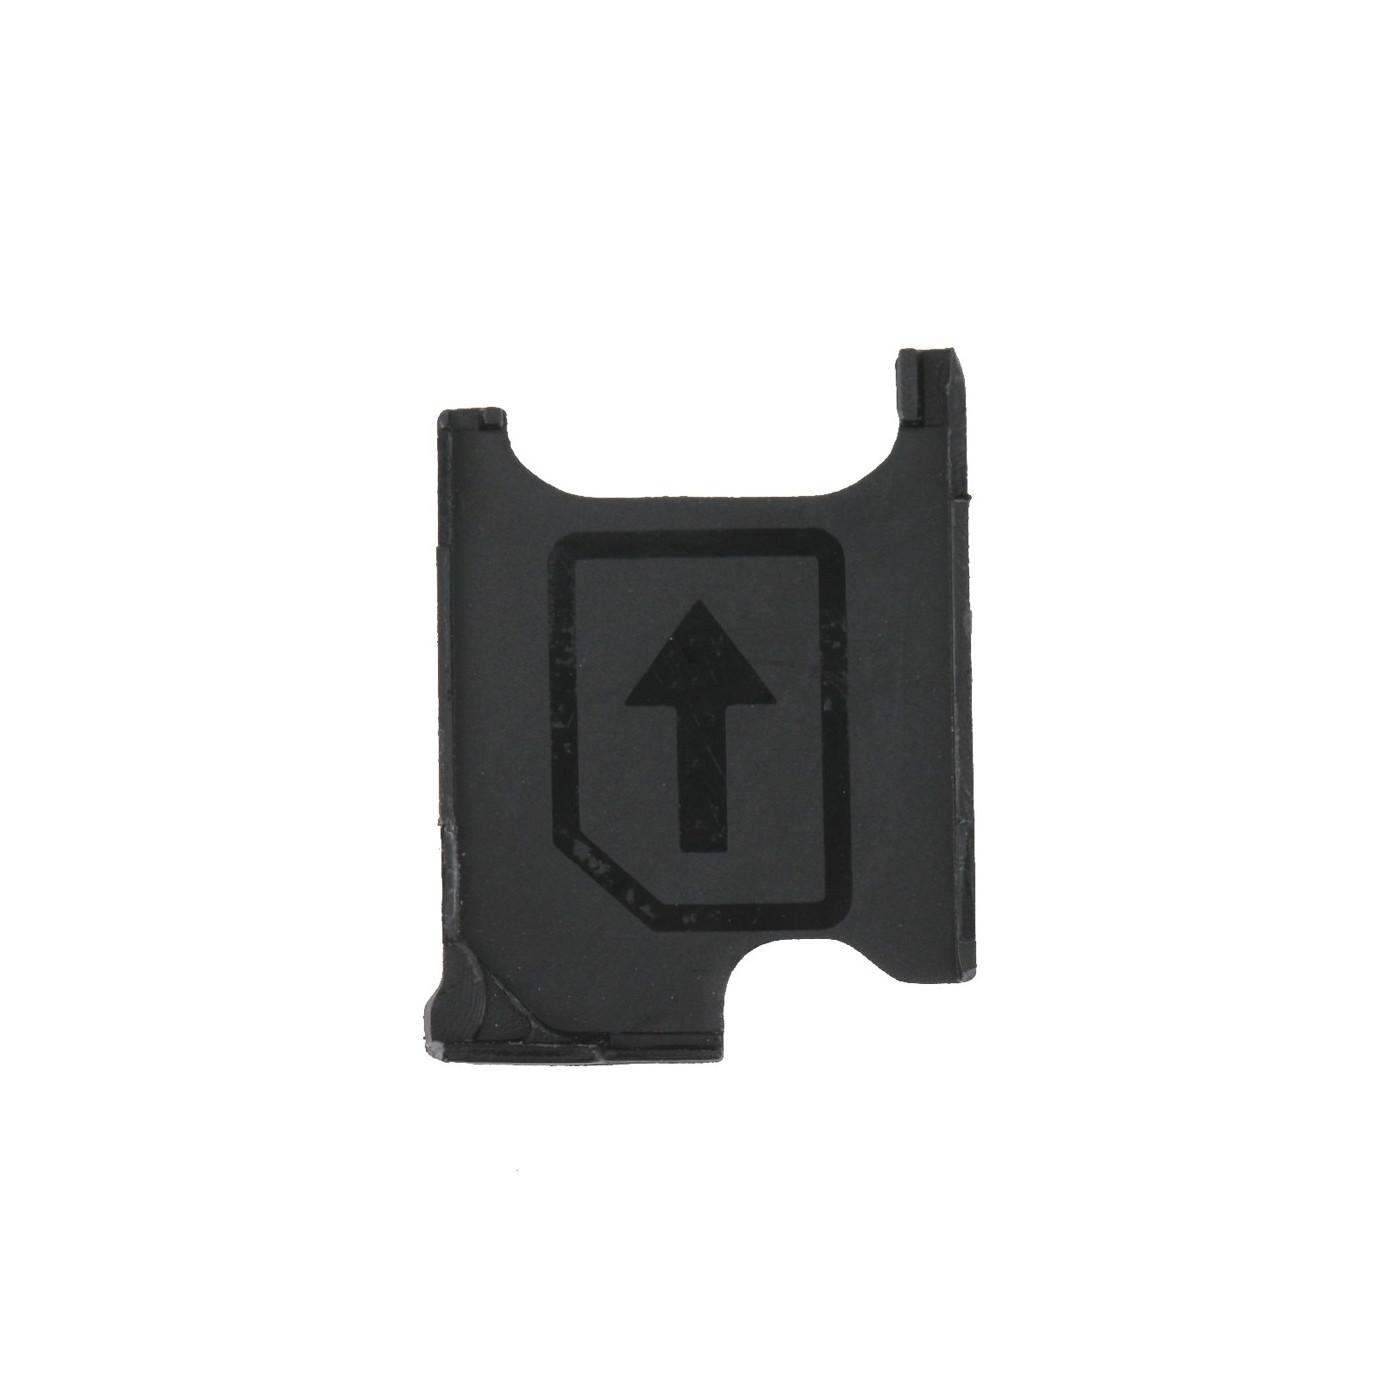 Porta scheda sim per Sony Xperia Z1 L39h slot carrello slitta